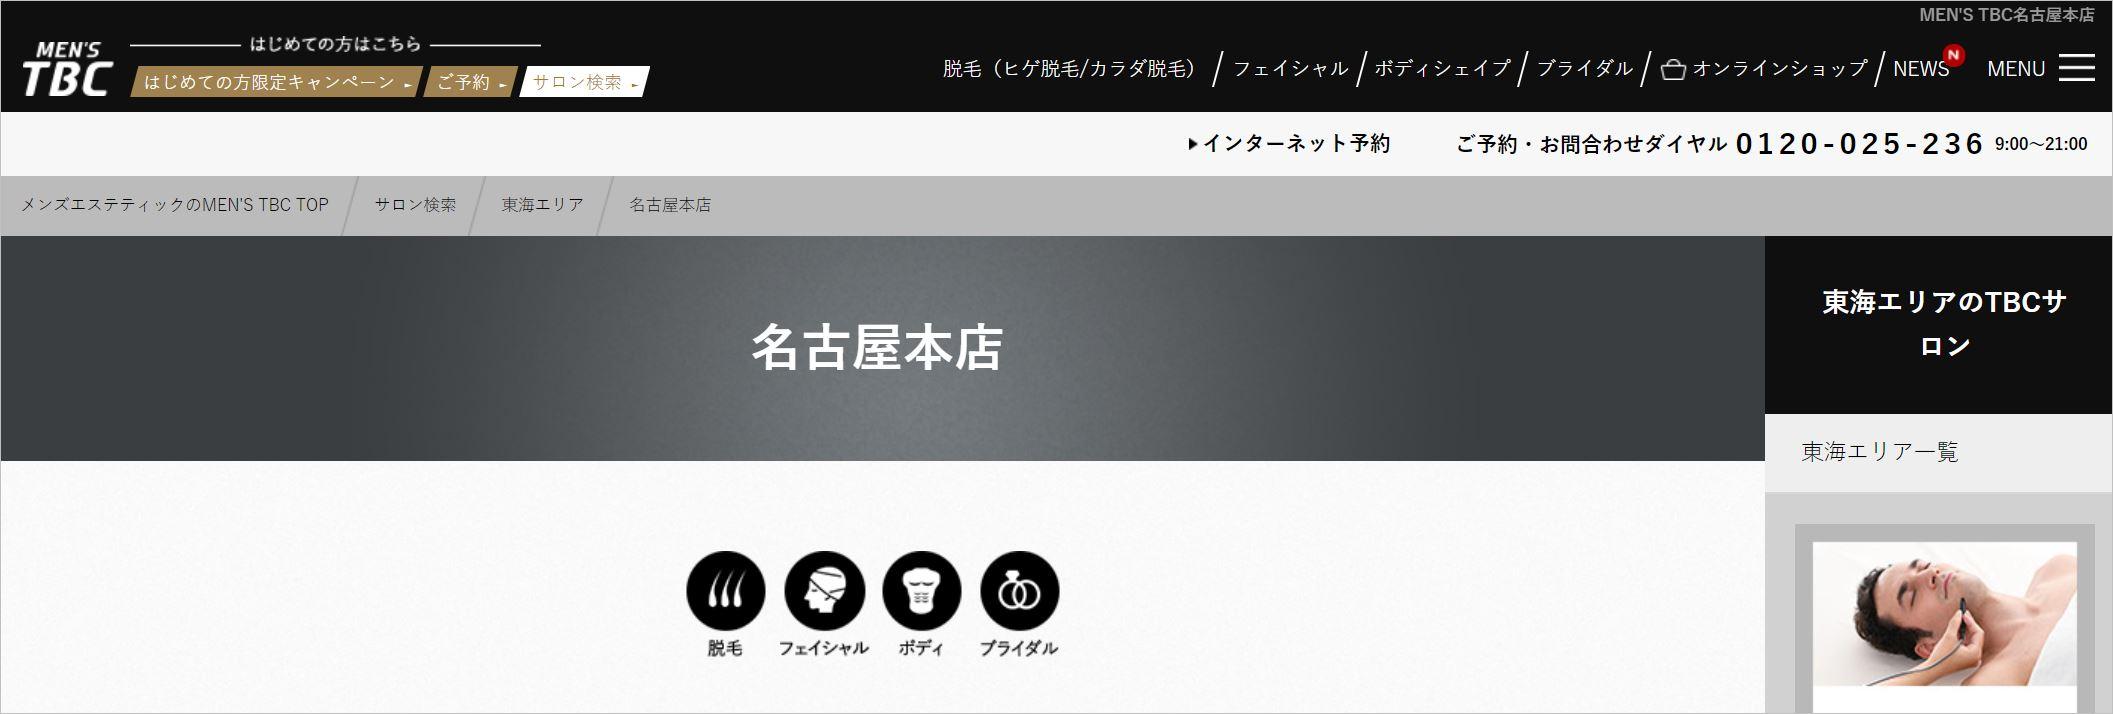 メンズTBC名古屋本店トップページのキャプチャ